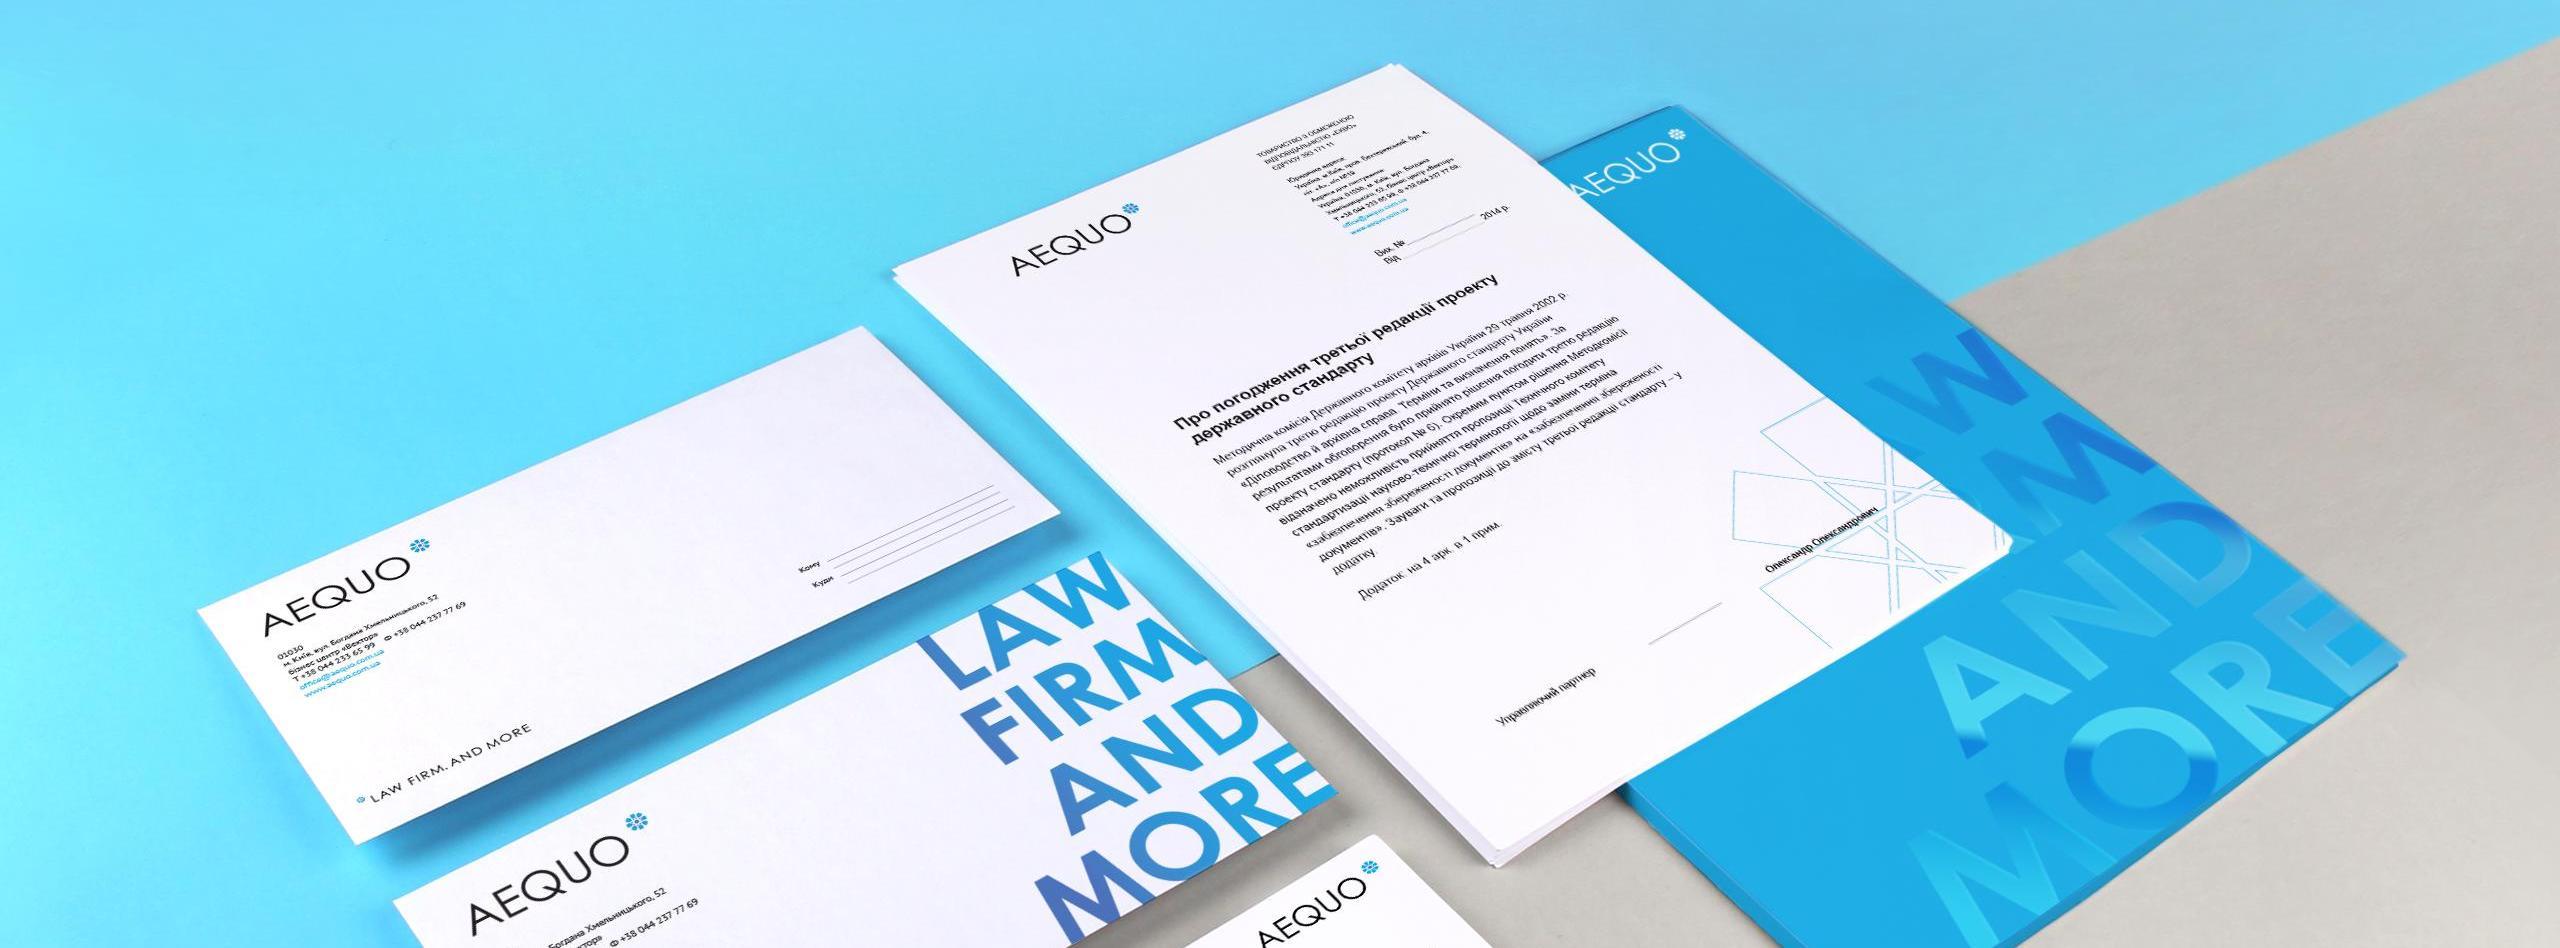 Кейс: новая корпоративная айдентика юридической фирмы AEQUO